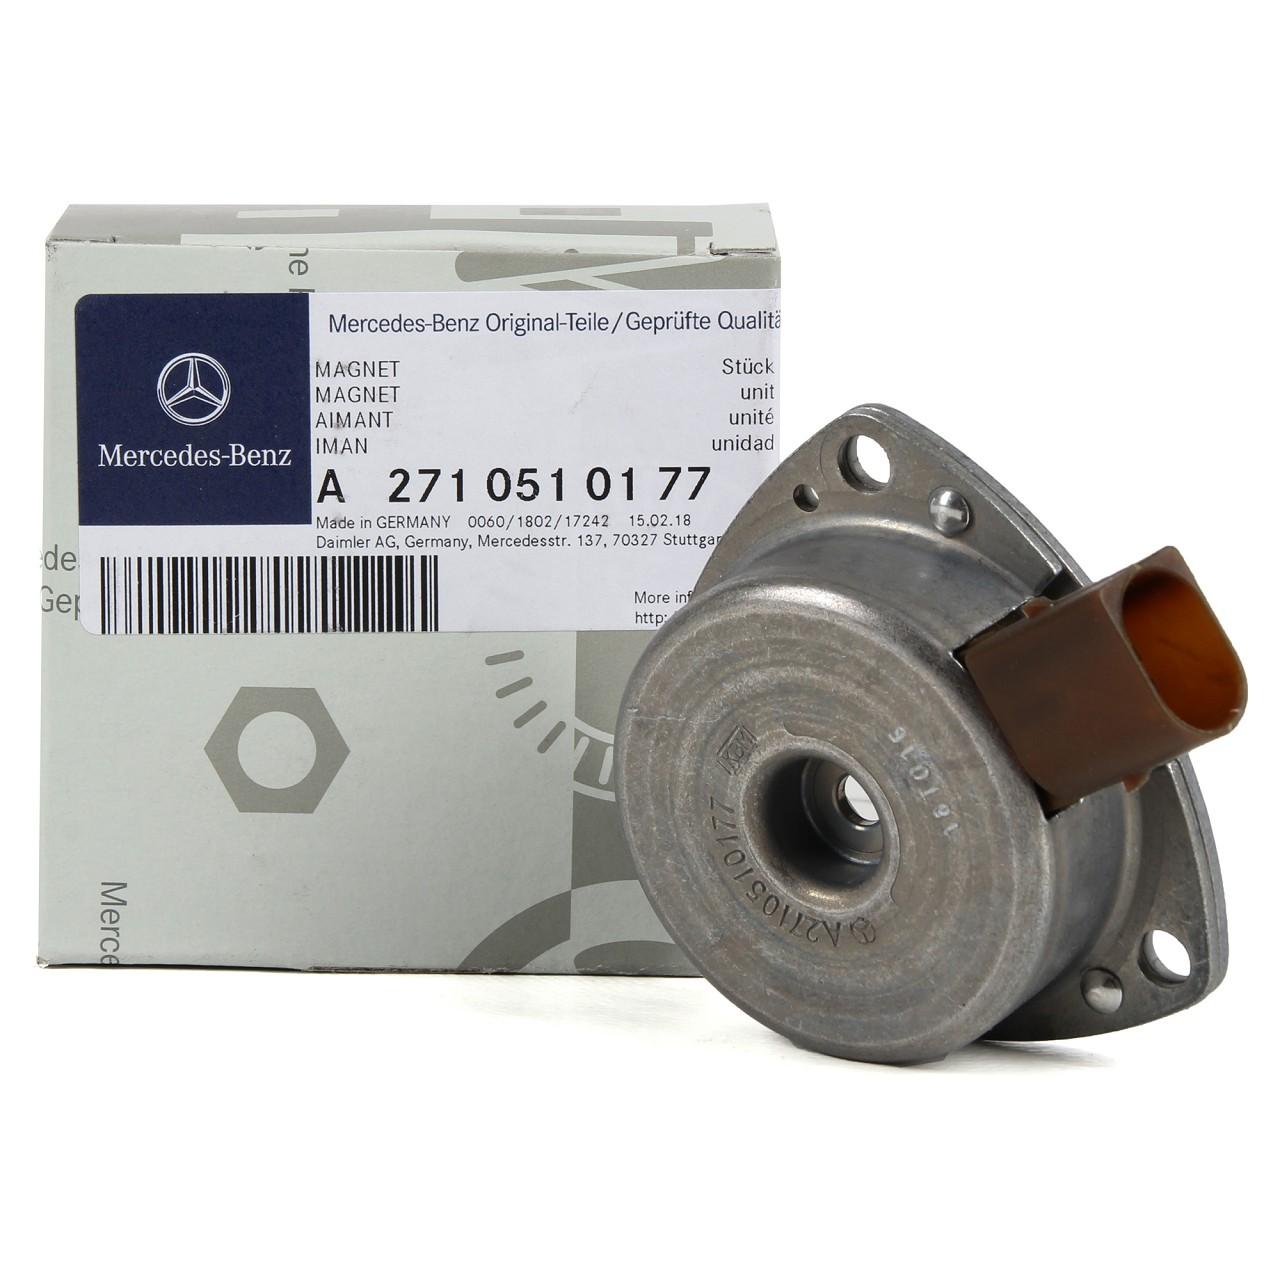 ORIGINAL Mercedes-Benz Zentralmagnet Nockenwellenversteller OM271 2710510177